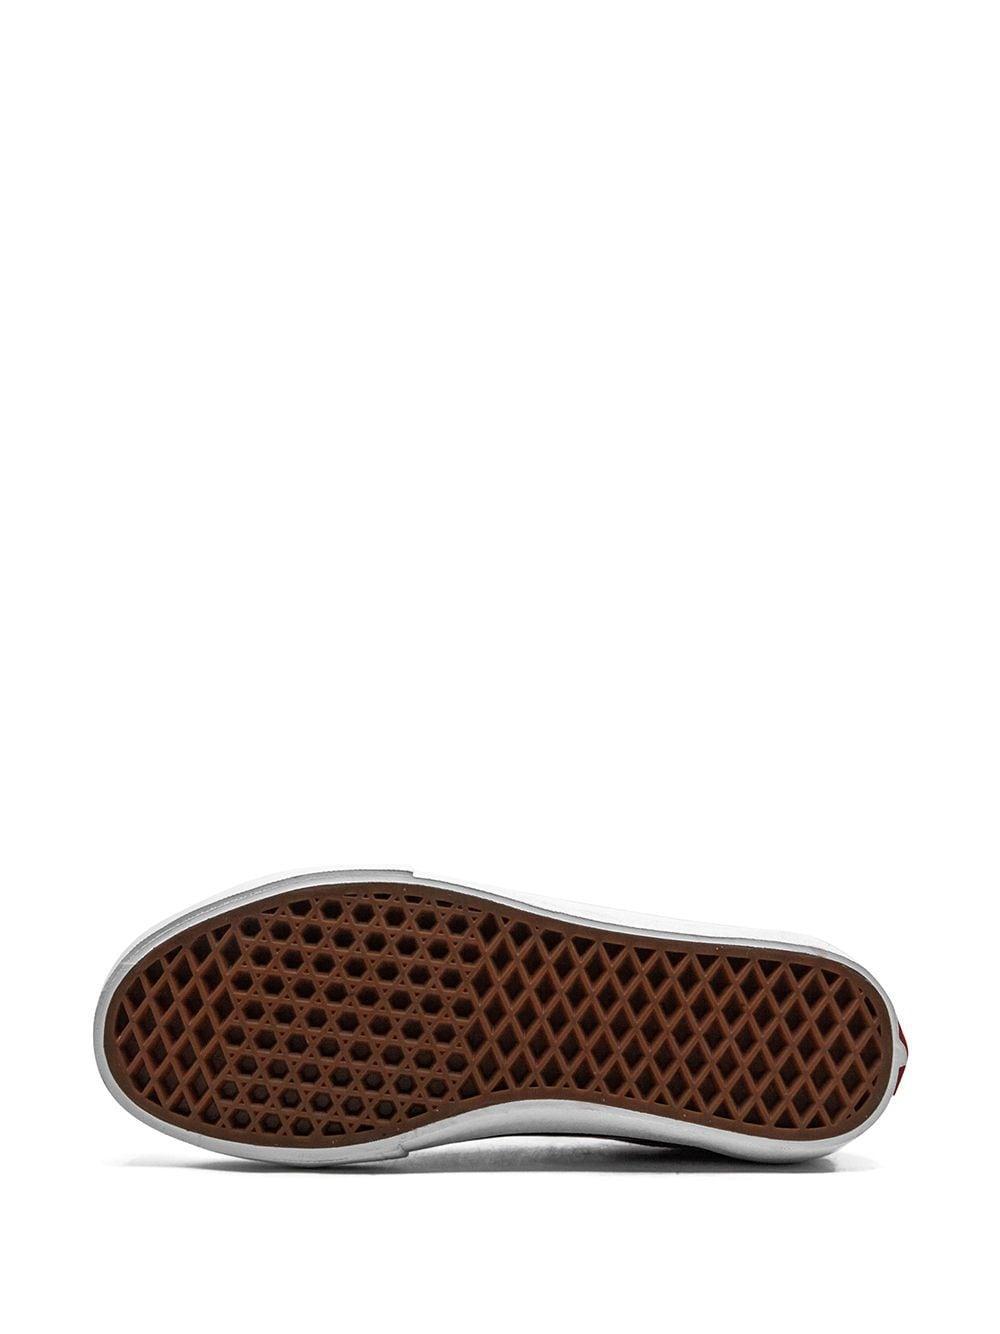 Zapatillas Old Skool Pro Vans de Lona de color Negro